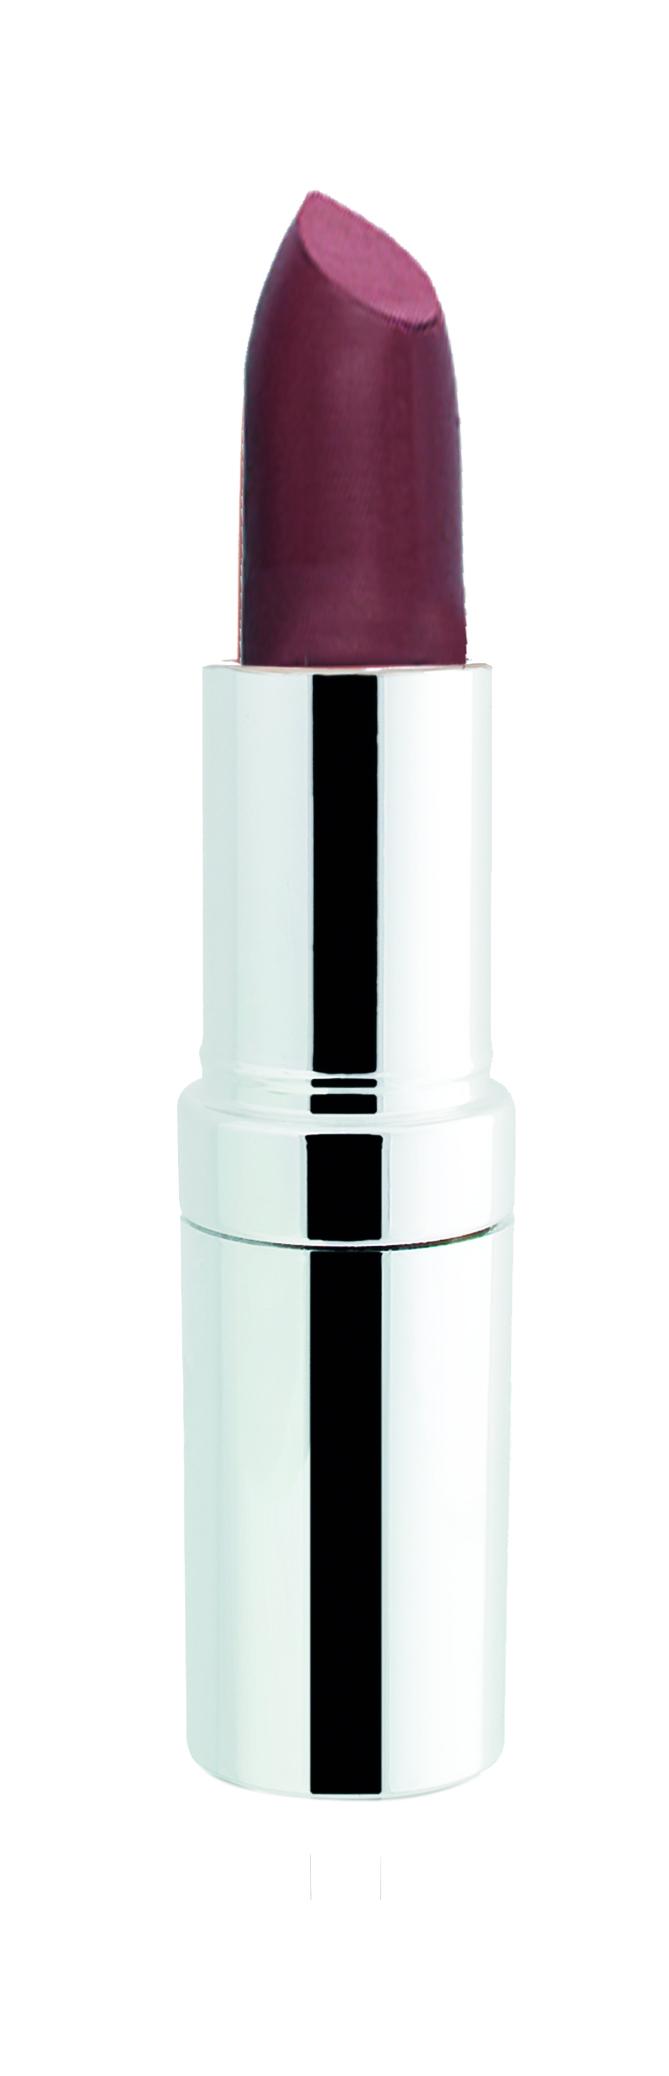 SEVENTEEN Помада губная устойчивая матовая SPF 15, 03 бейлиз / Matte Lasting Lipstick 5 г